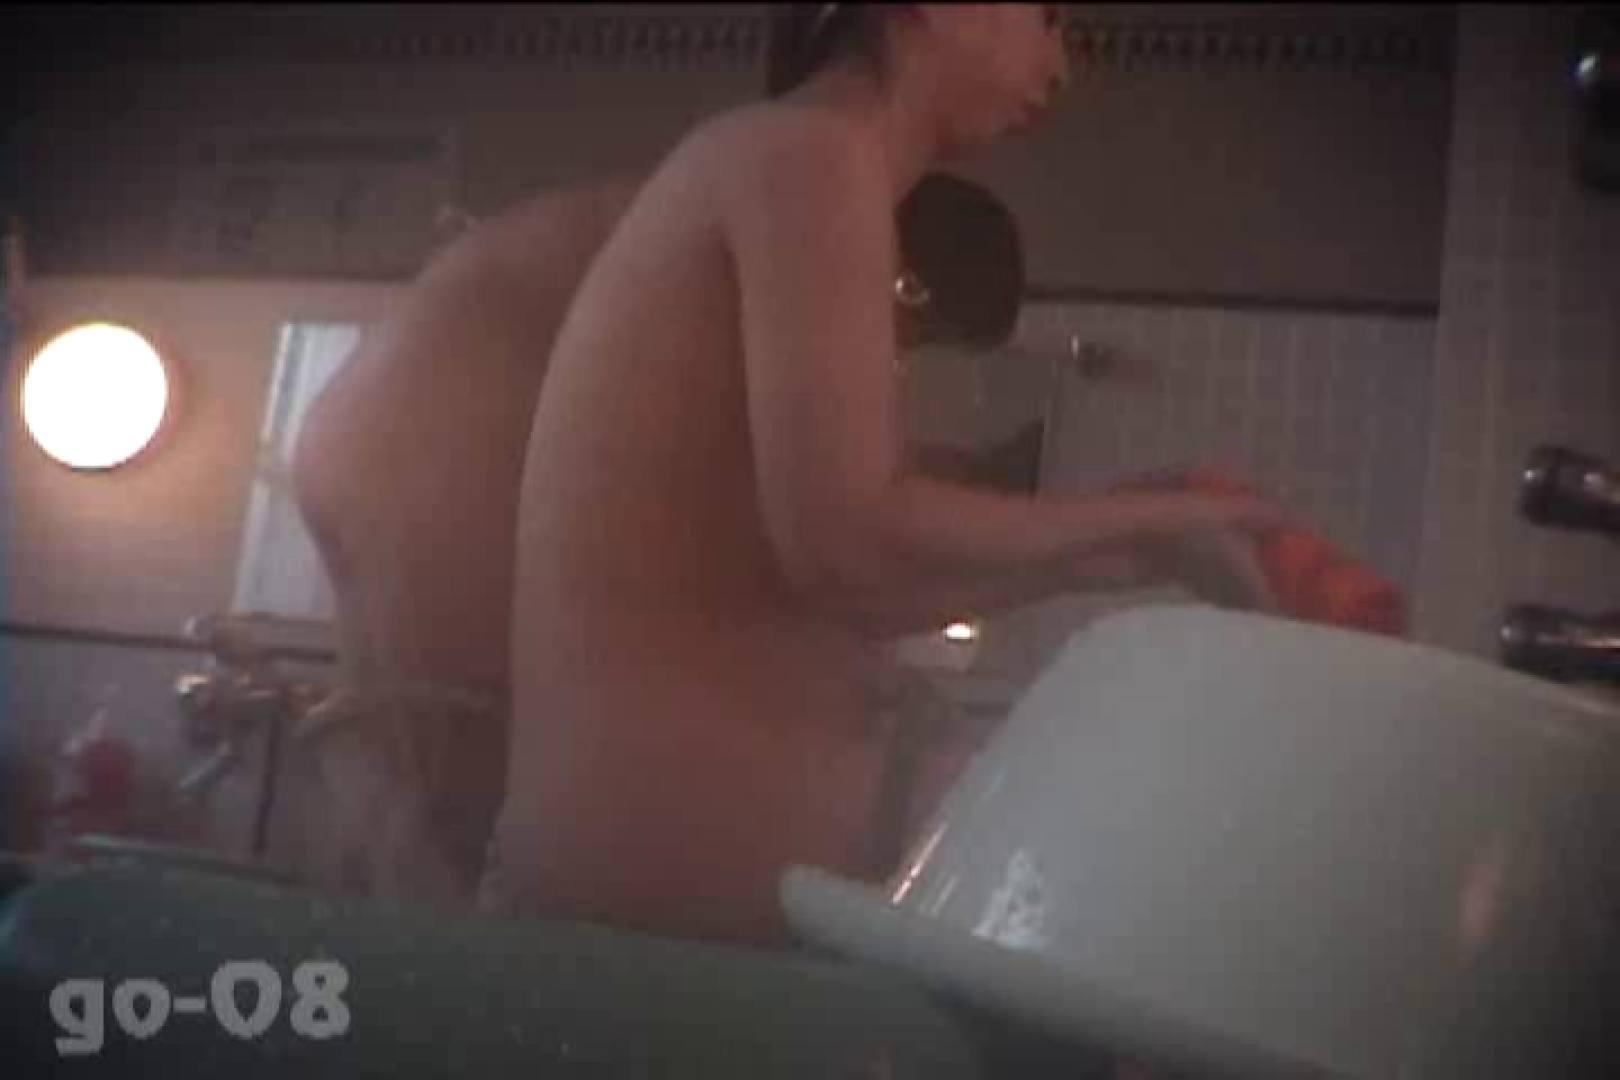 厳選潜入女風呂 No.08 盗撮シリーズ | 女風呂  82PIX 22